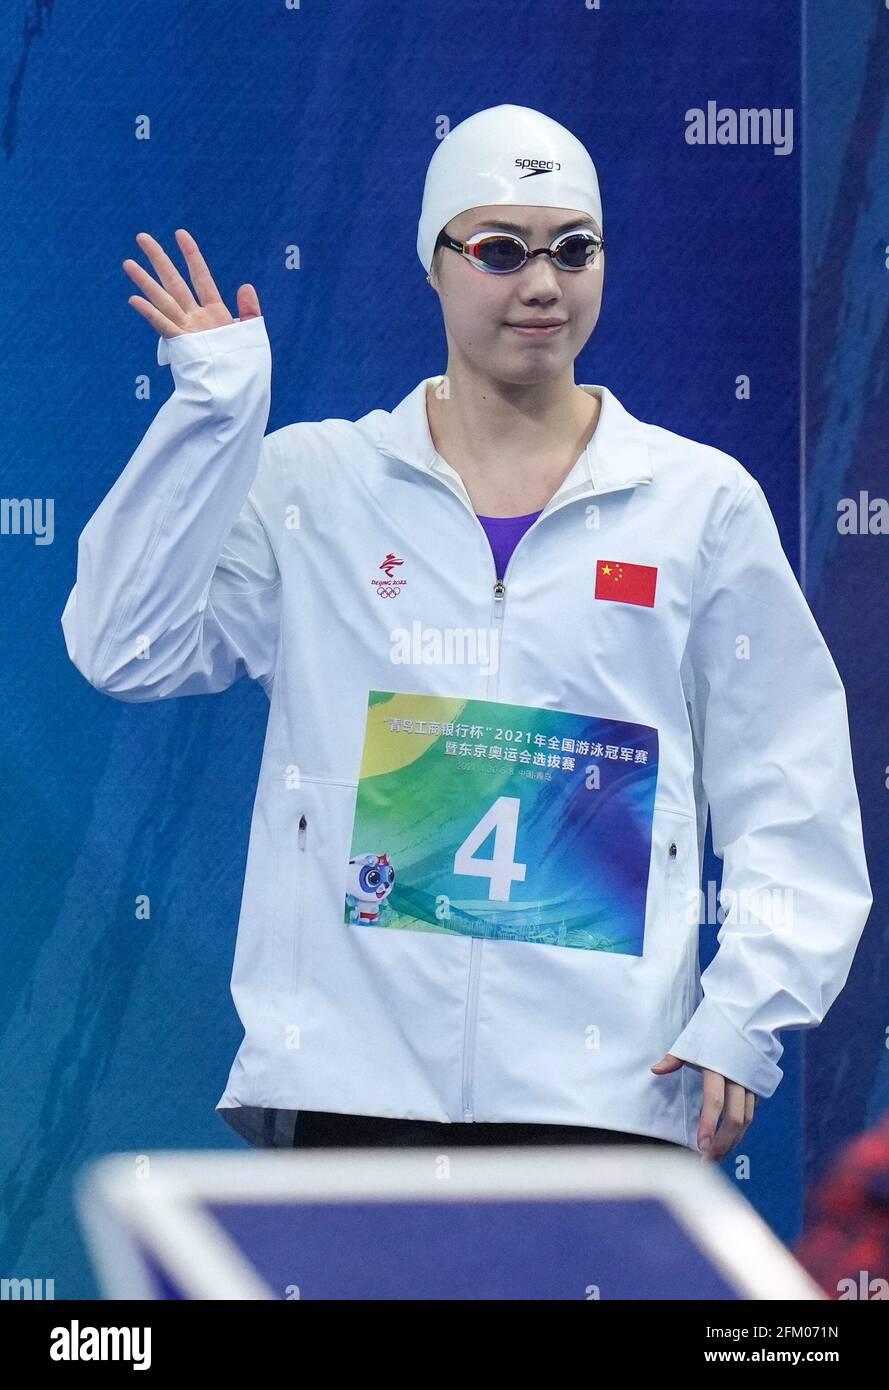 Qingdao, Chine. 5 mai 2021. Zhang Yufei, de Jiangsu, fait la vague devant les spectateurs avant la finale féminine de 200 m de papillon aux Championnats nationaux de natation chinois 2021 à Qingdao, en Chine orientale, le 5 mai 2021. Credit: Xu Chang/Xinhua/Alay Live News Banque D'Images